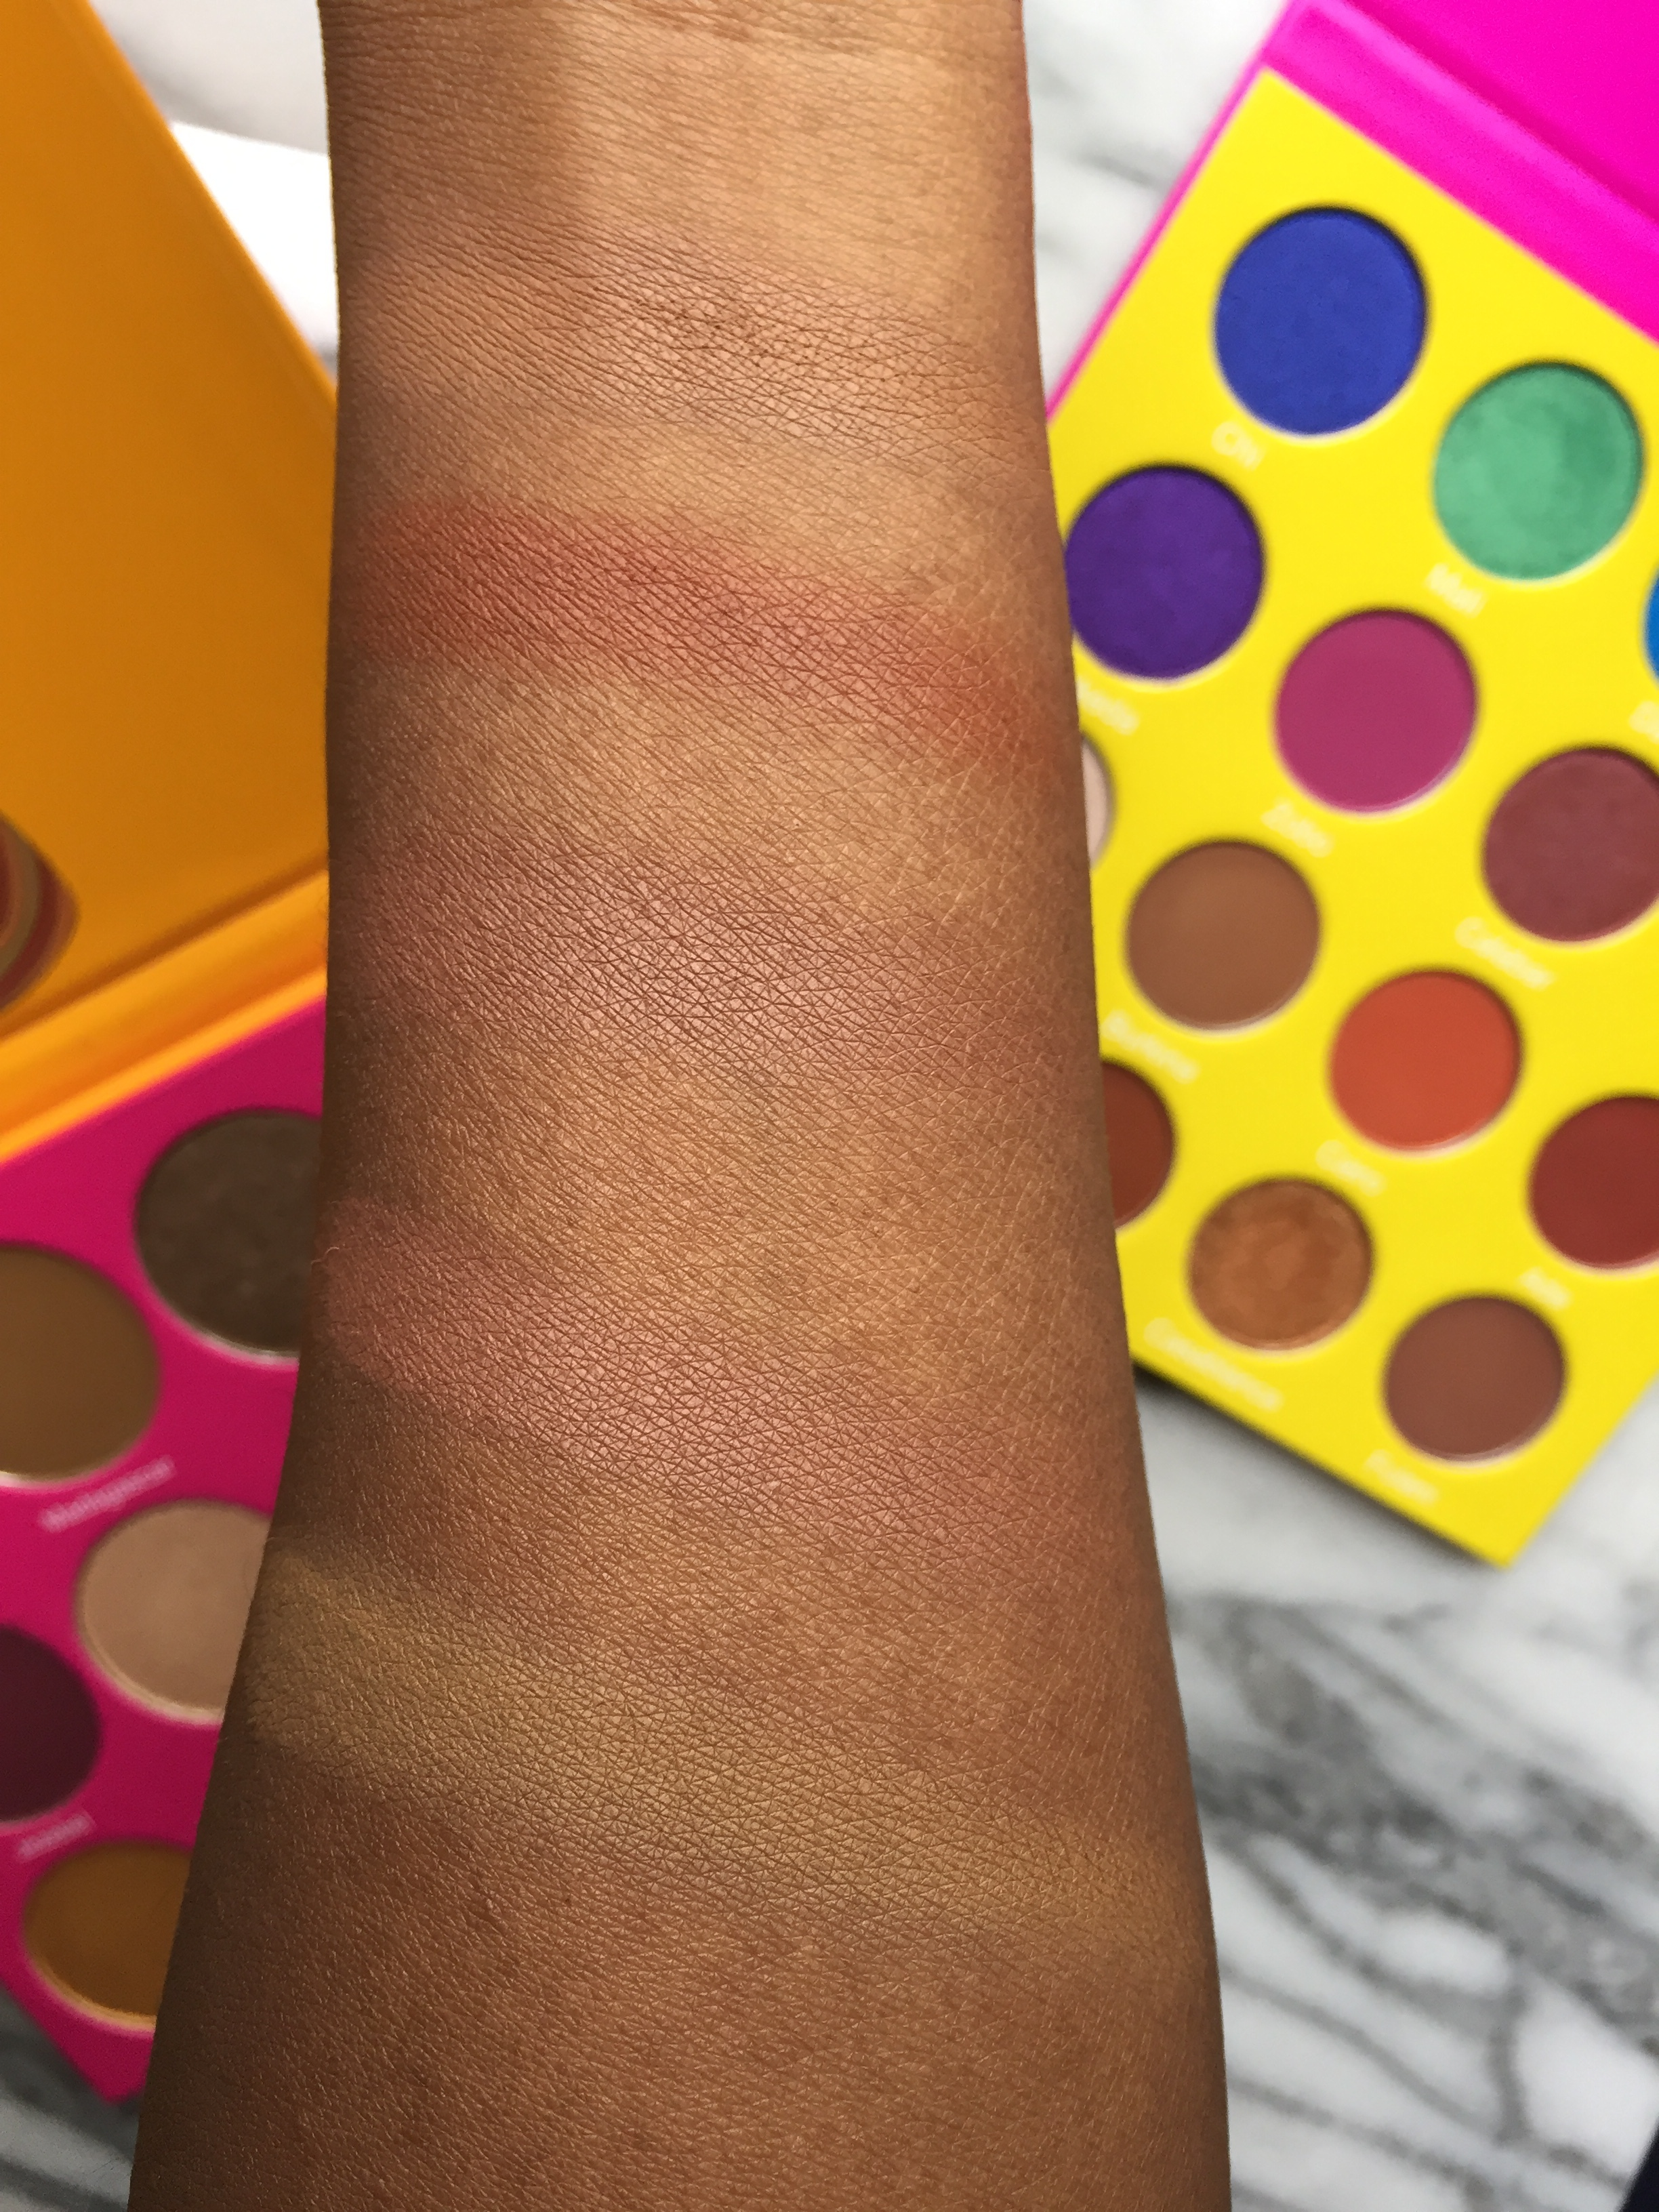 Juvia's Place Palette Comparison | L to R: (N2) Madagascar, (N1) #10, ( M) Fulani, (M) Zulu, (M) Burkina